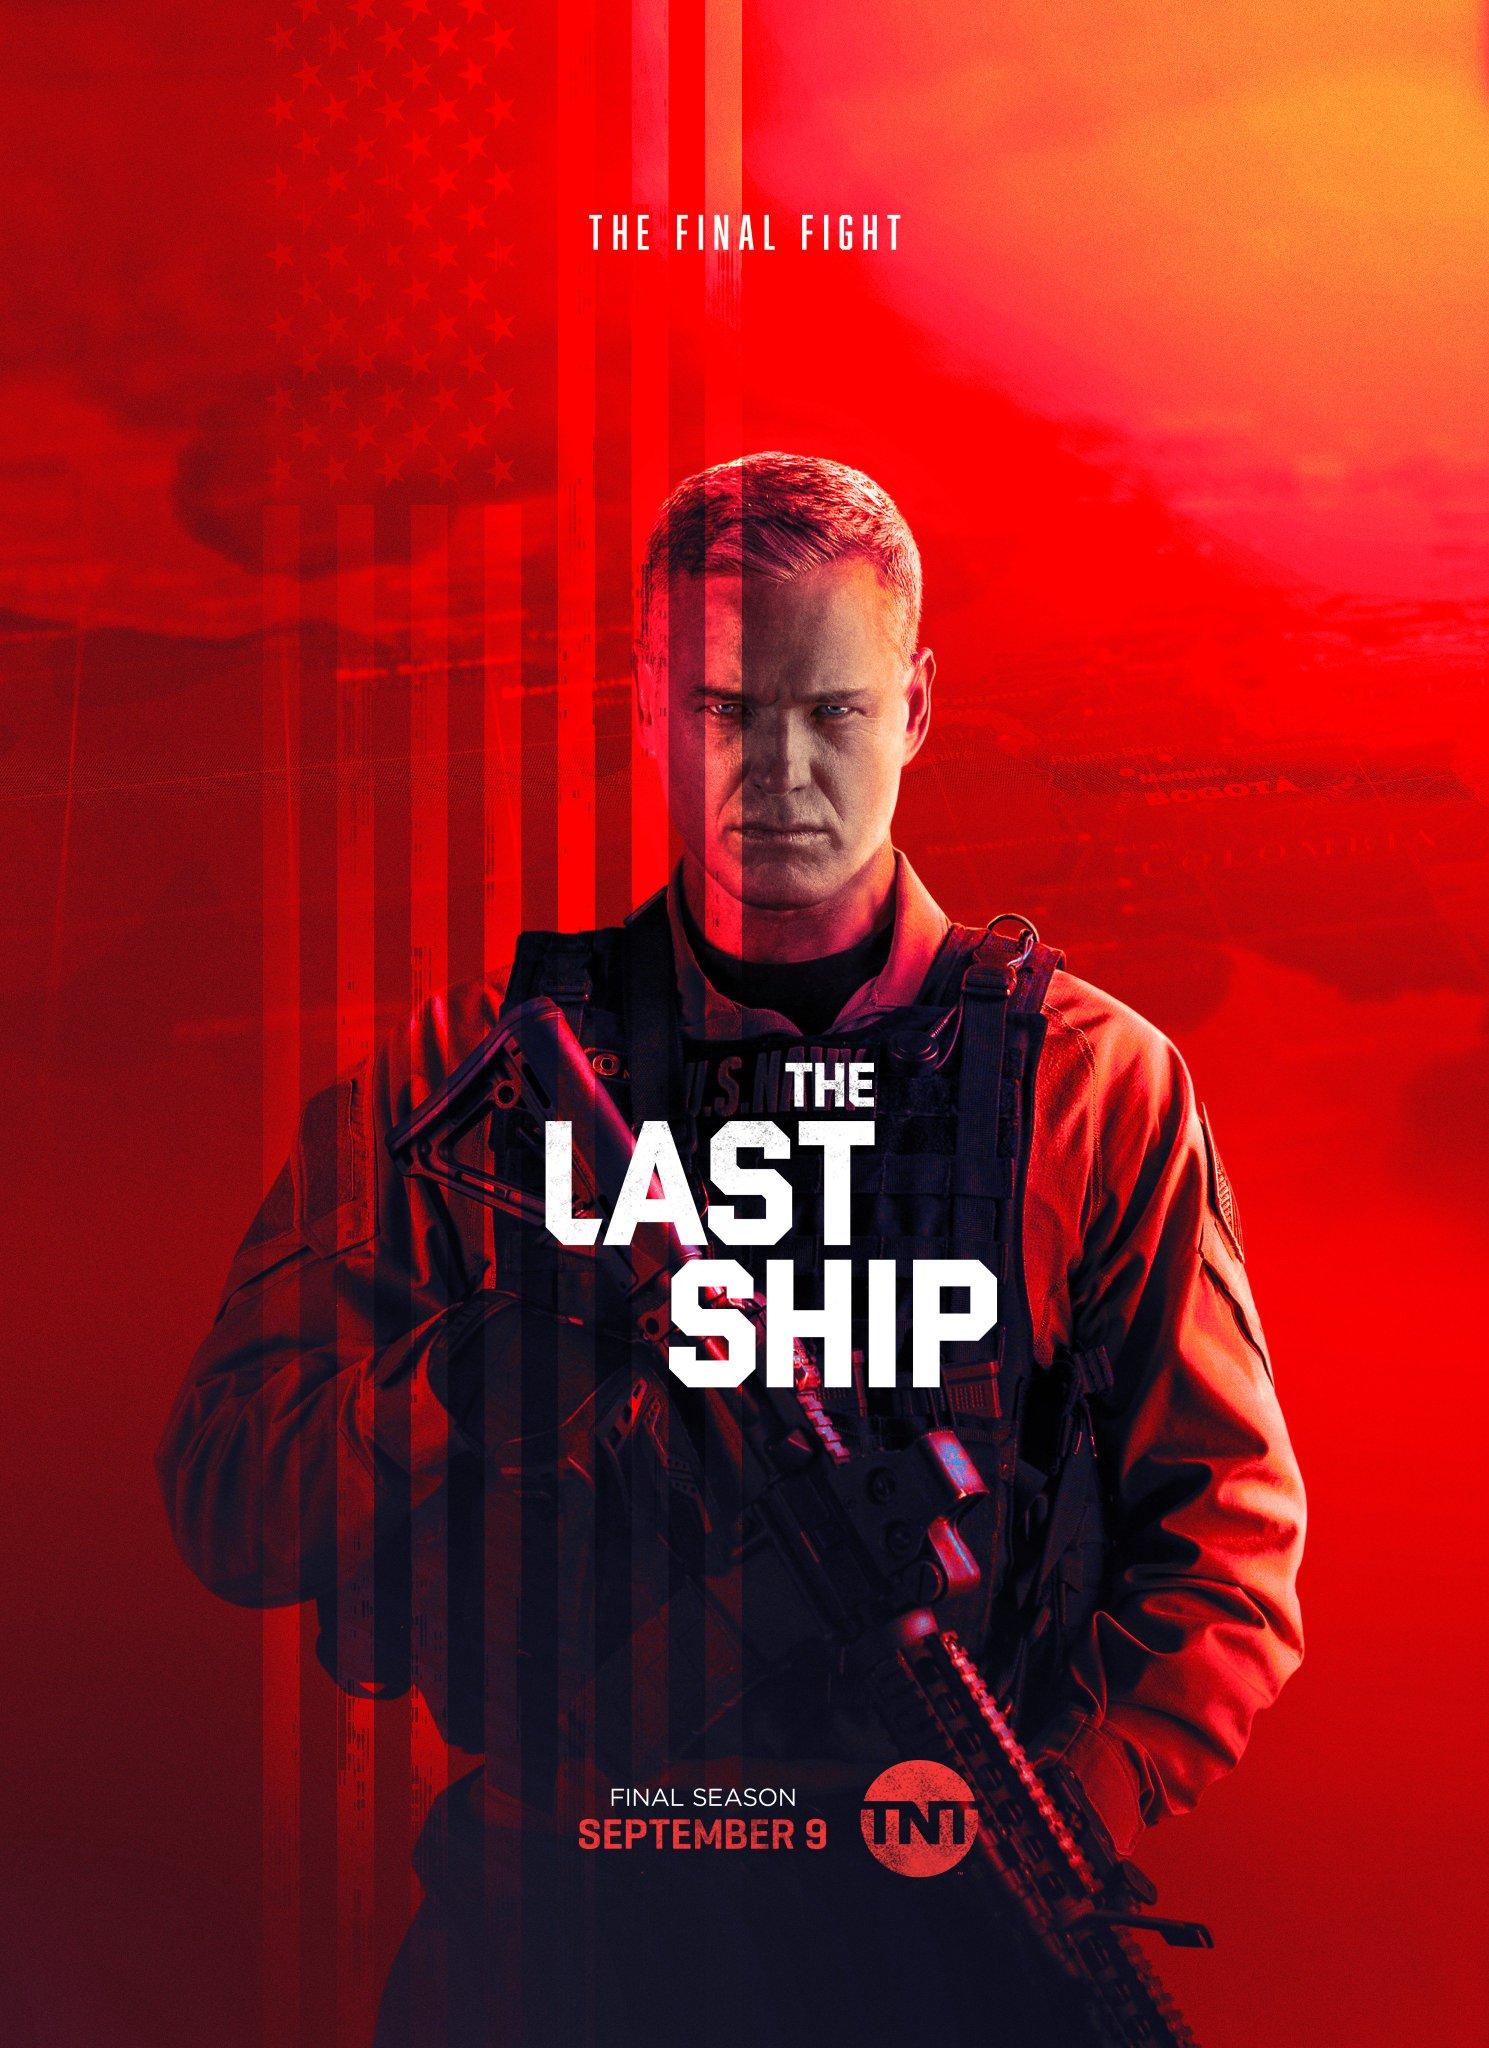 Xem Phim Chiến Hạm Cuối Cùng 5 - The Last Ship season 5